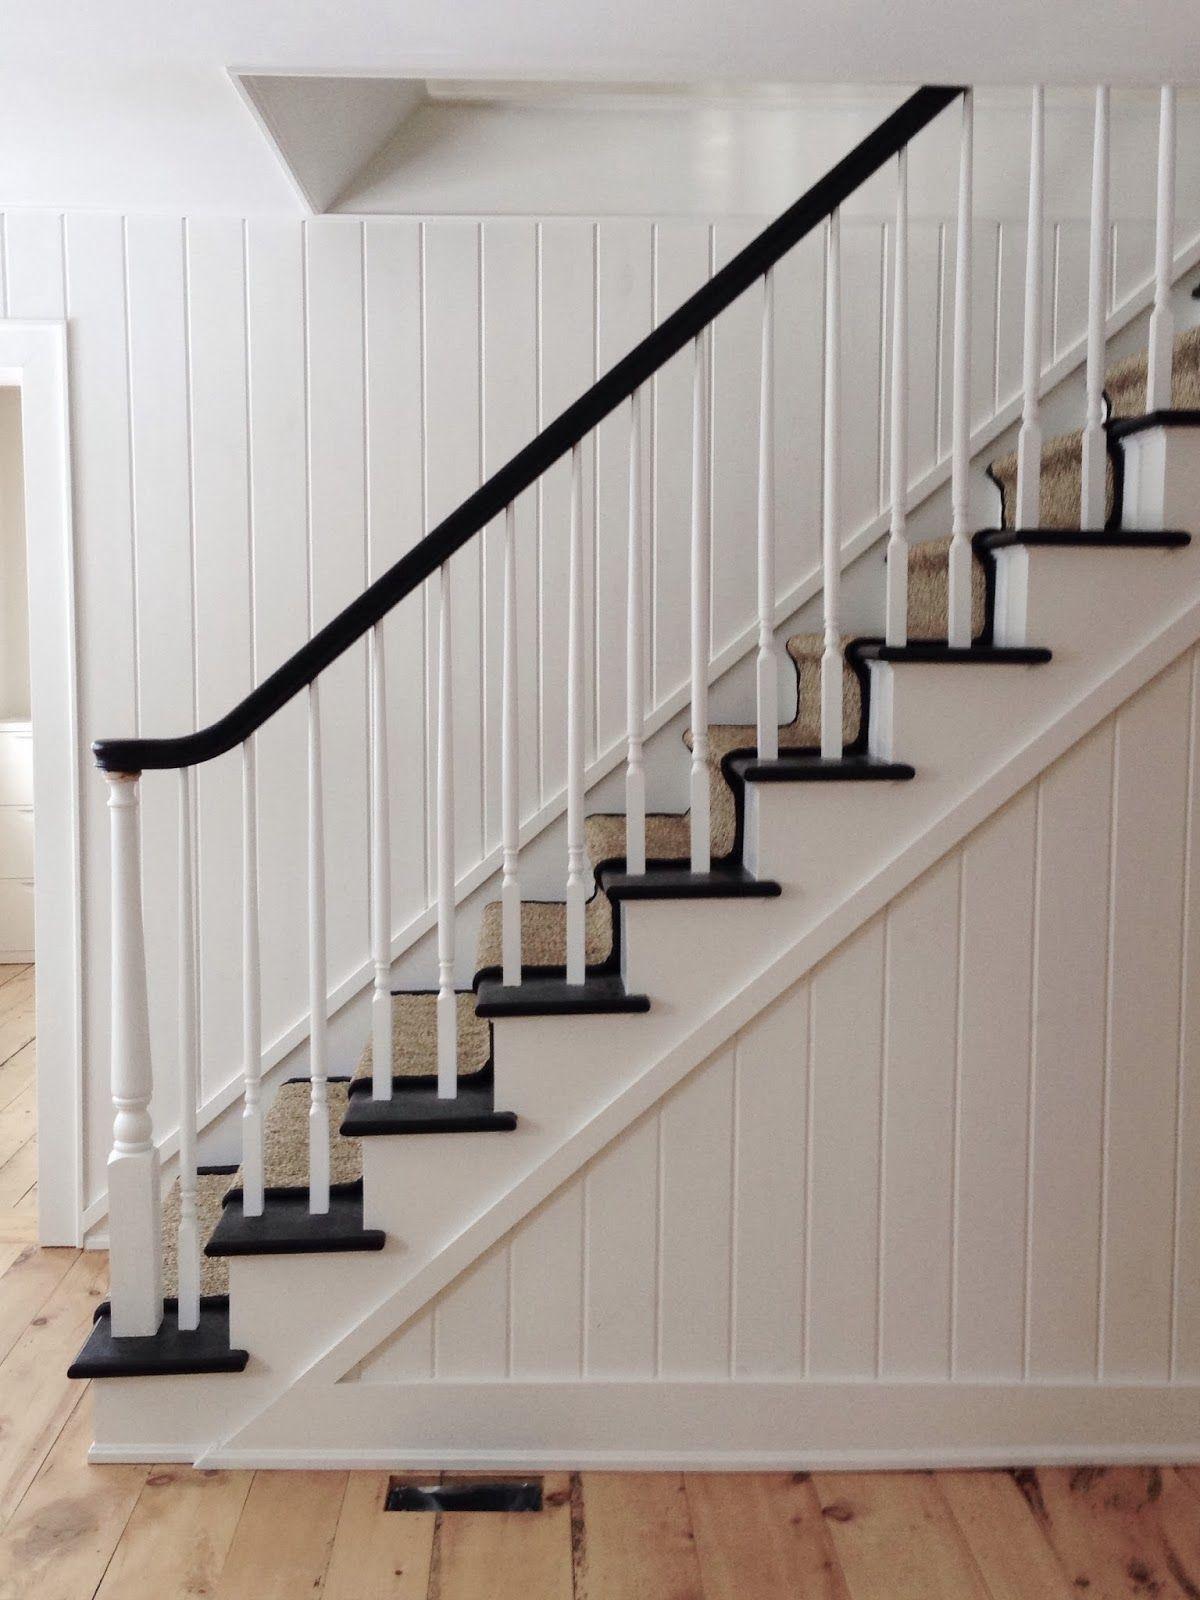 Superbes descente d\'escalier et jadore le lambris! !!! Wow ...